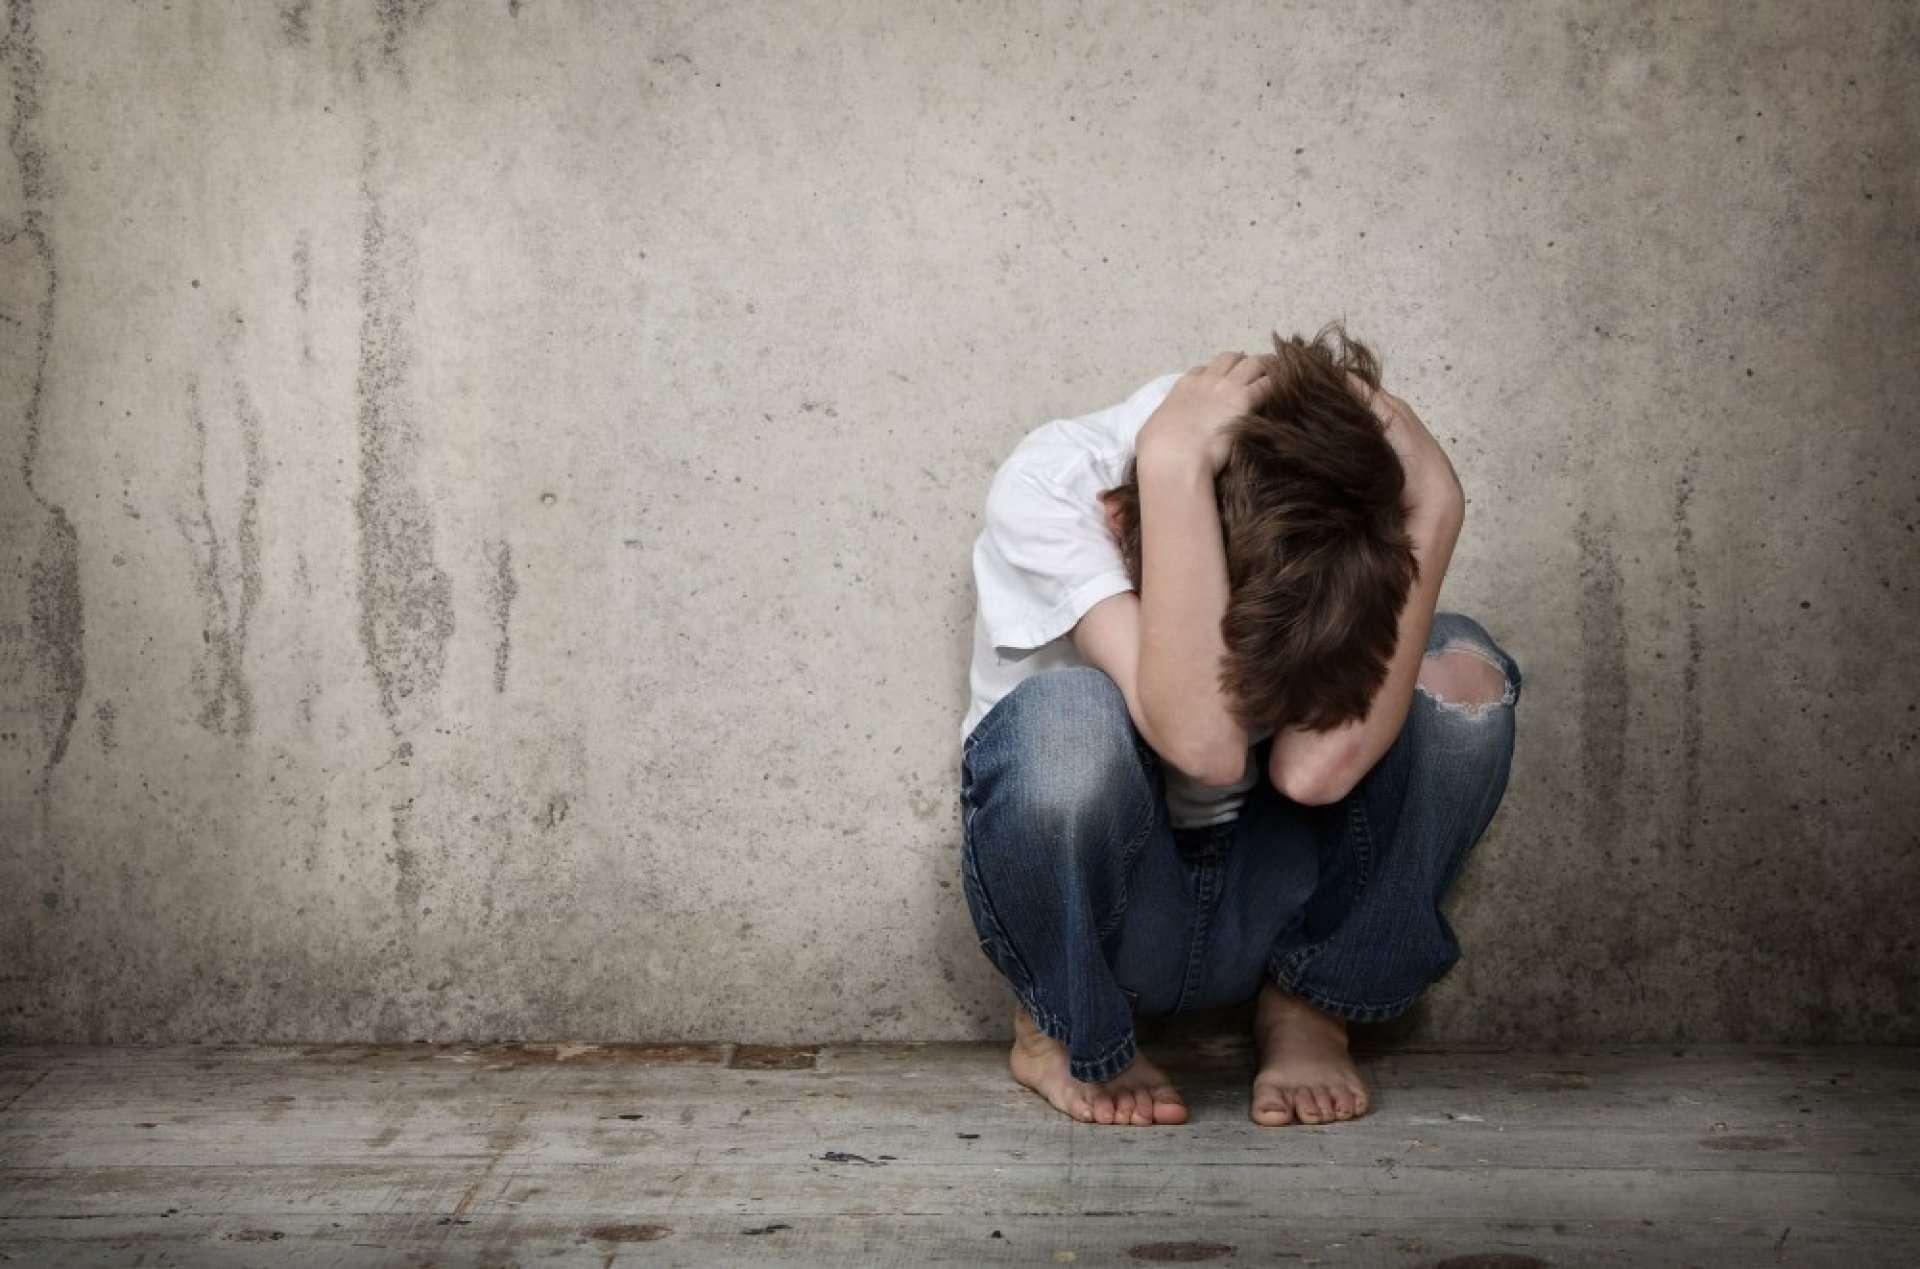 Штрафовать медиков и воспитателей за сокрытие фактов насилия над детьми предлагают в Казахстане